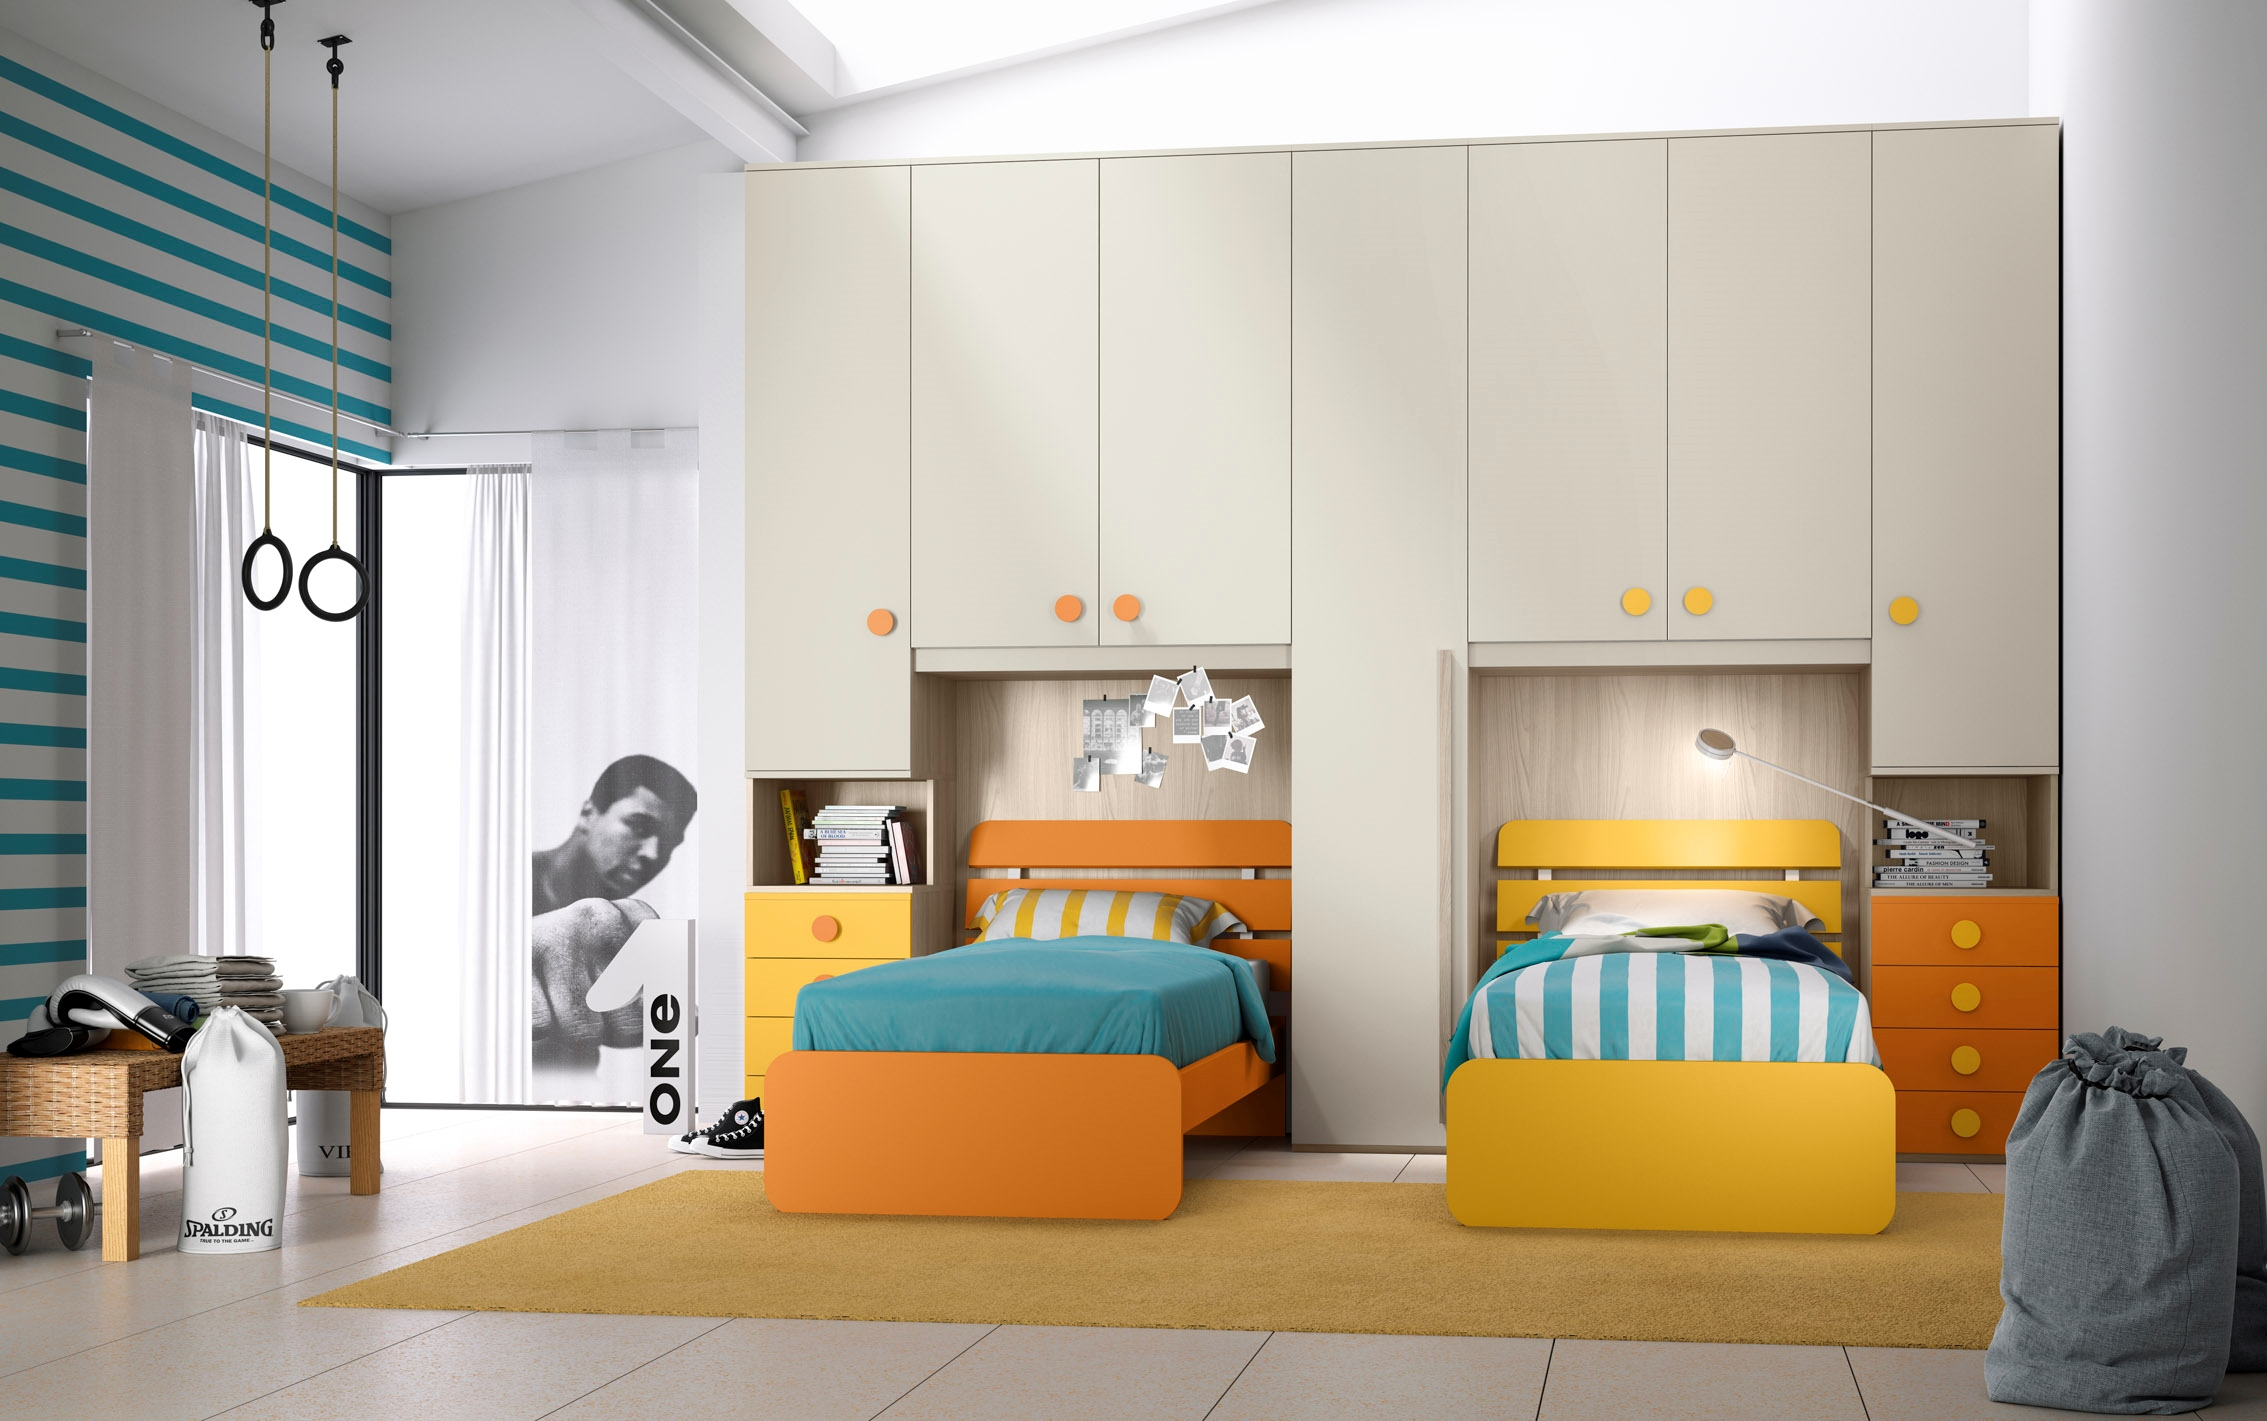 Cameretta Con Armadio A Ponte Ikea.Camerette Bambini 2 Letti Ikea Perfect With Camerette Bambini 2